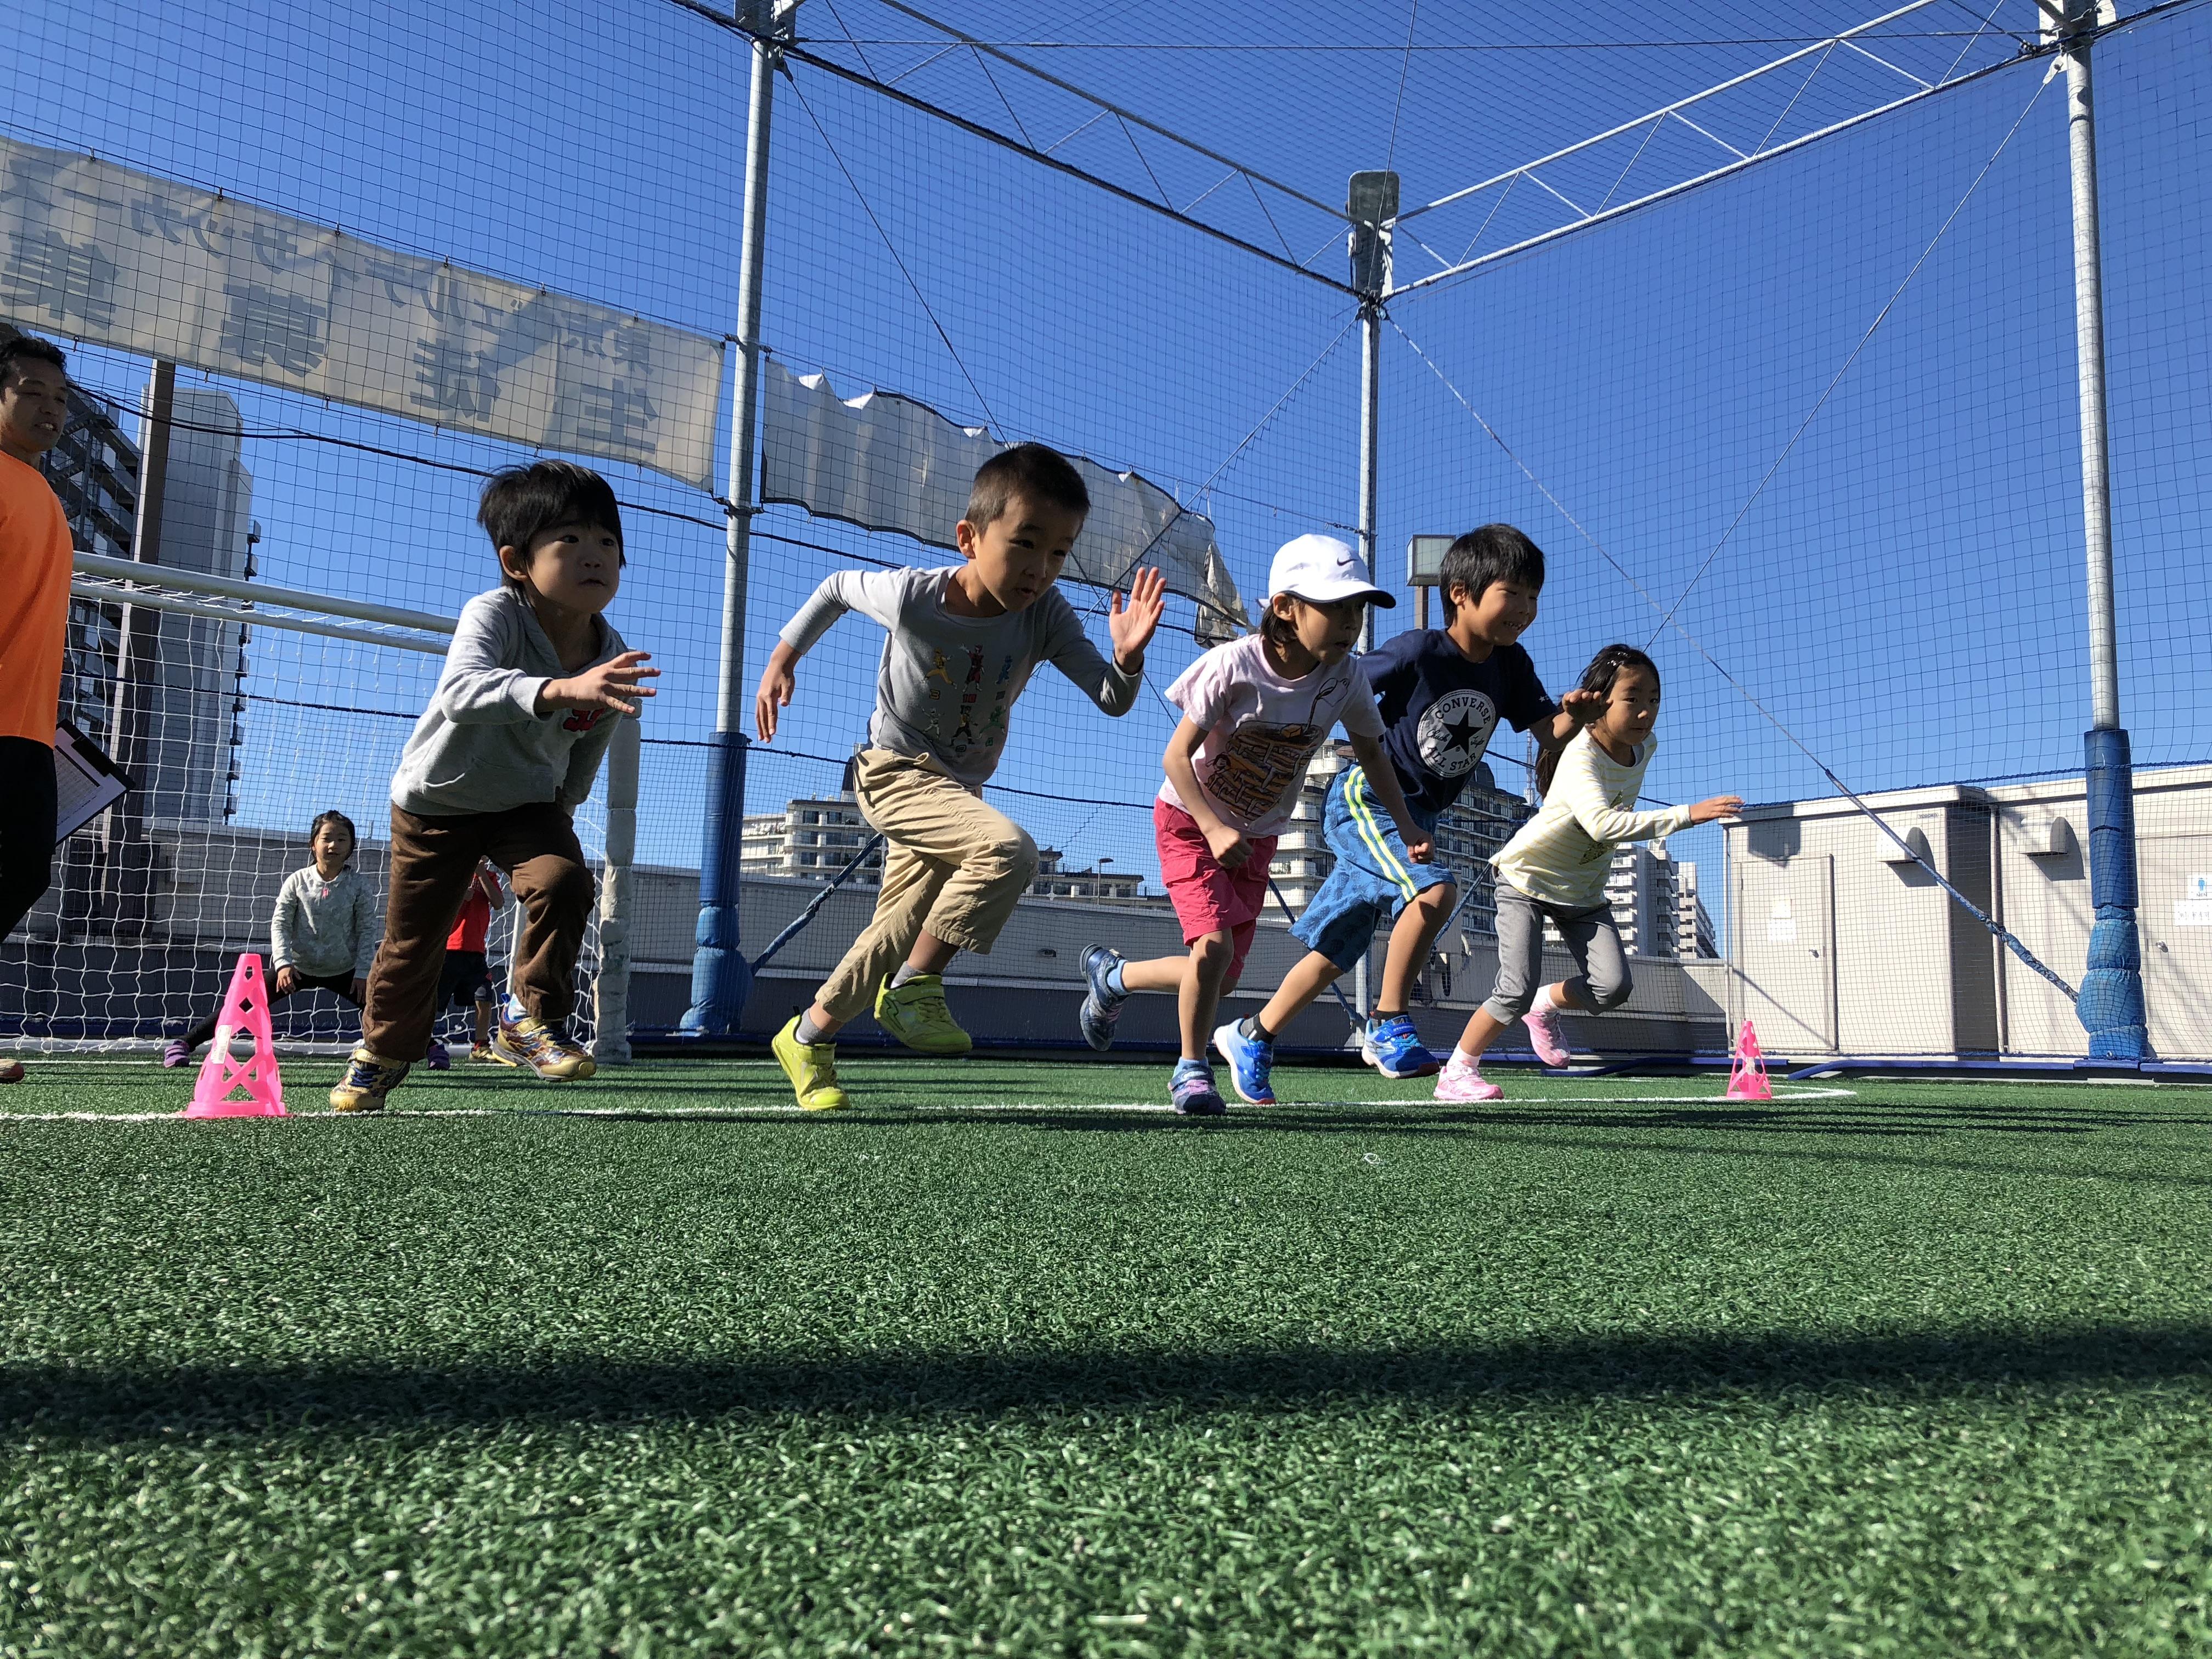 <川越月2開催!!><br>今よりもっと速く走れるようになる!<br>速く走るコツを学ぶことに特化したかけっこ教室